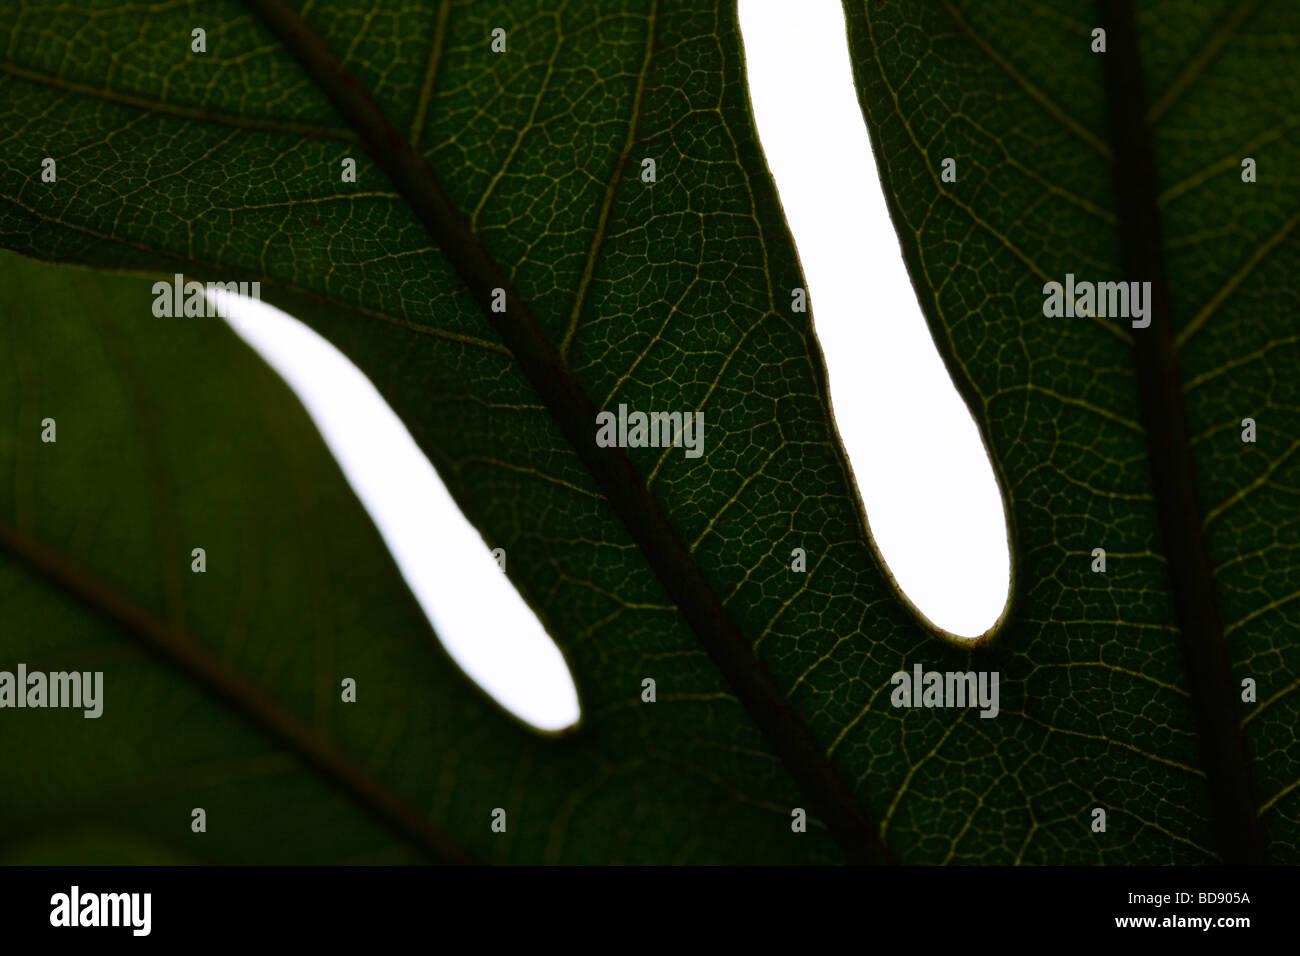 schönes Blatt in einem zeitgenössischen Stil Kunstfotografie Jane Ann Butler Fotografie JABP535 Stockfoto